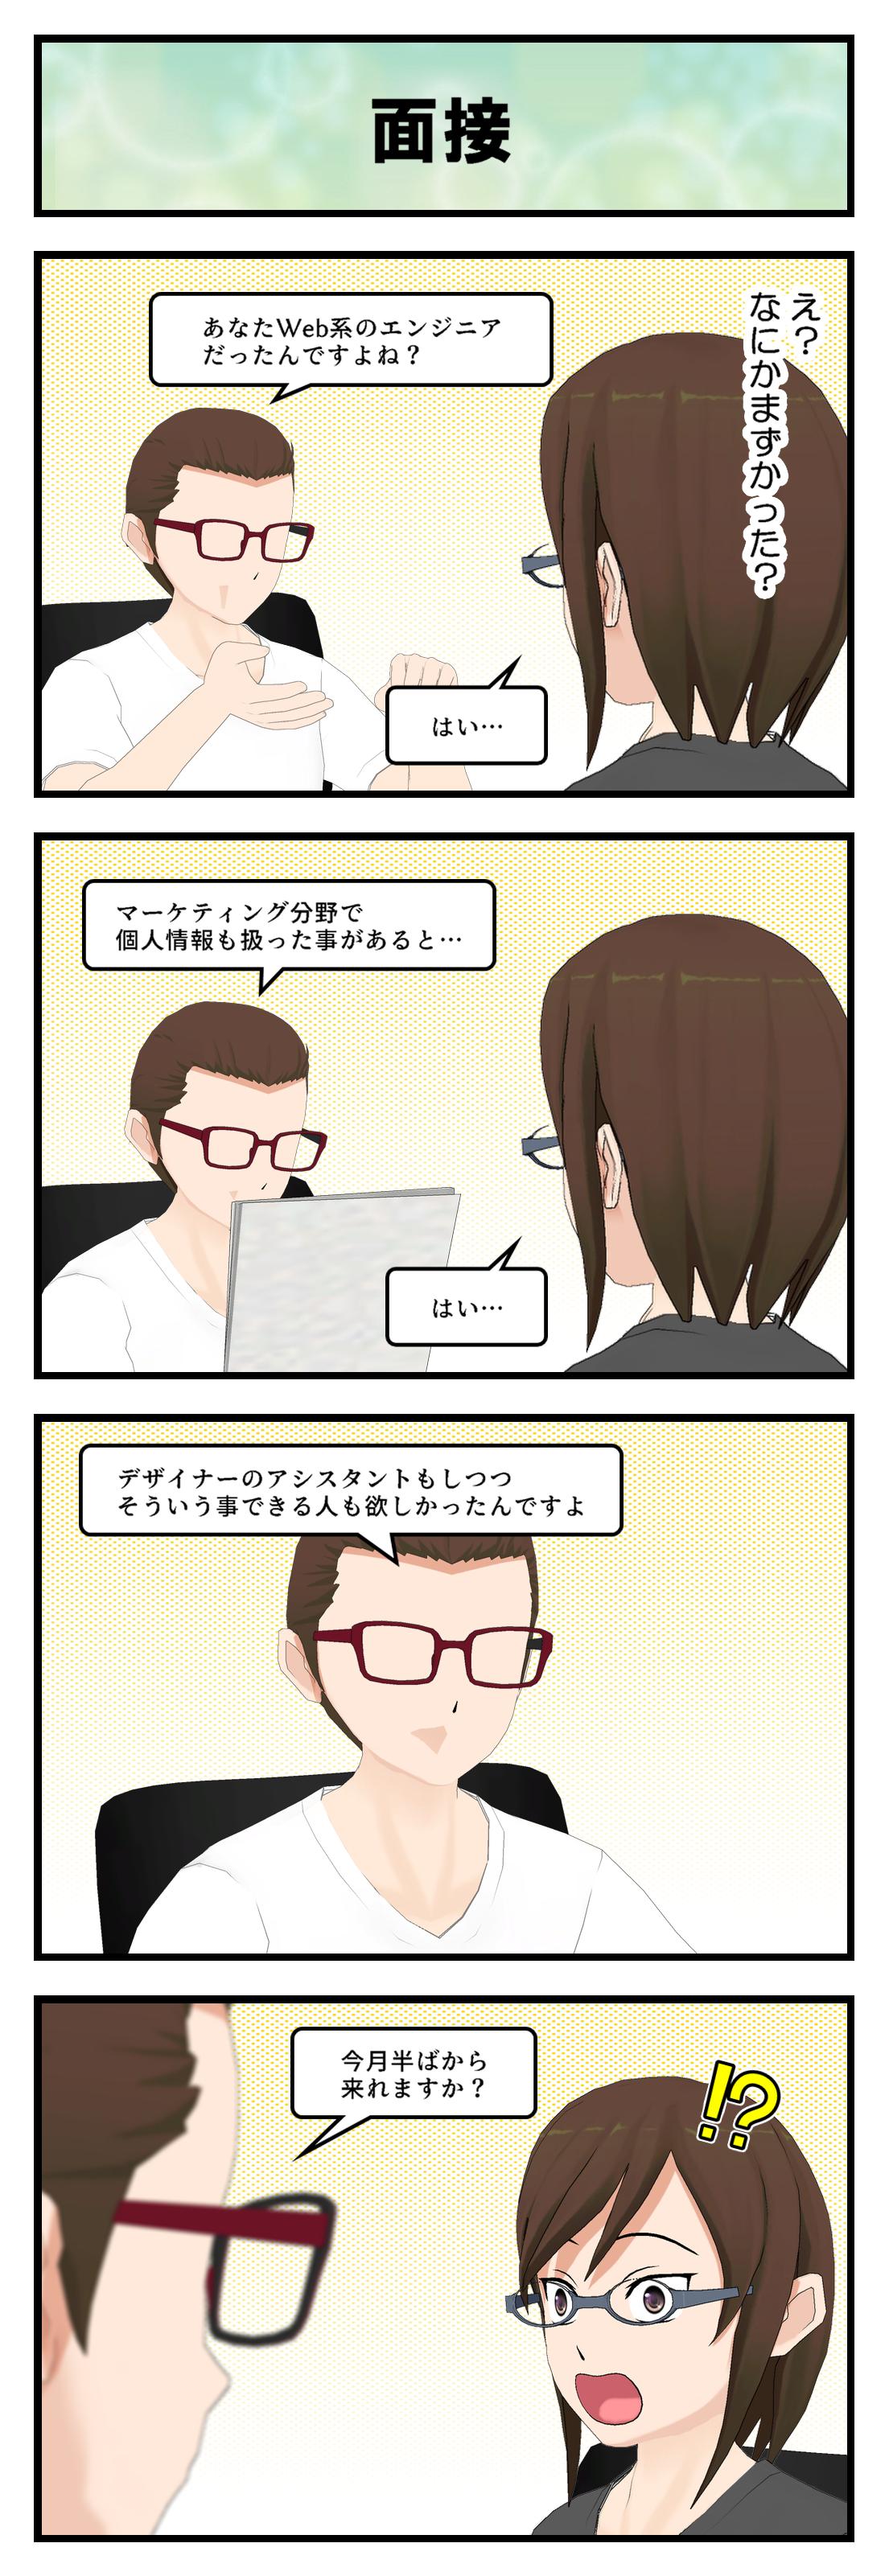 R539_グラフィック10_001